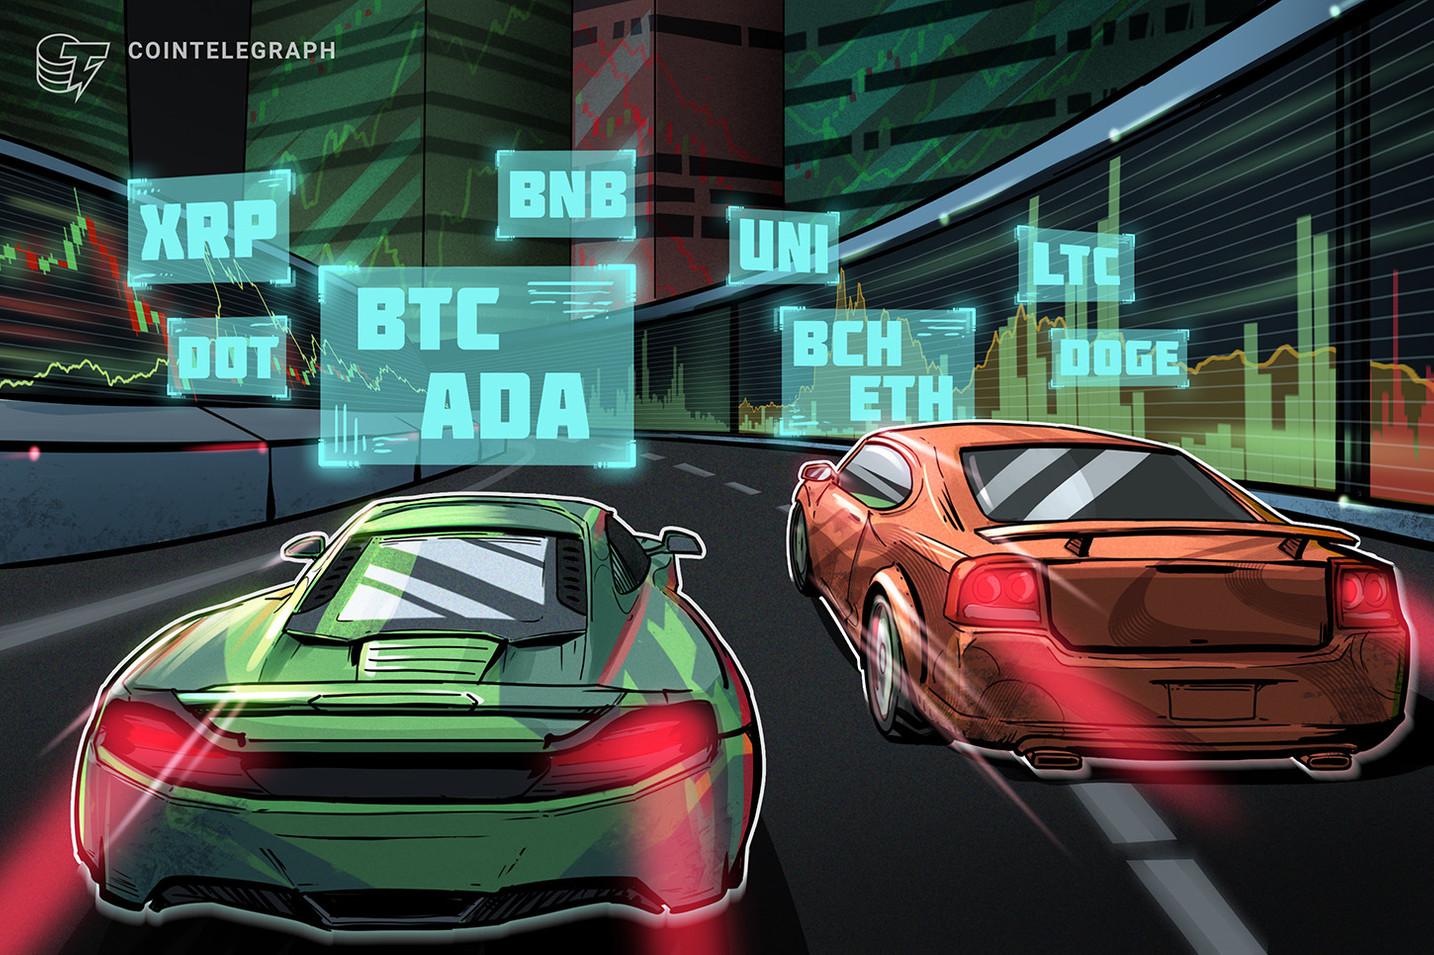 تحليل الأسعار 7/6: BTC، ETH، BNB، ADA، DOGE، XRP، DOT، UNI، BCH، LTC